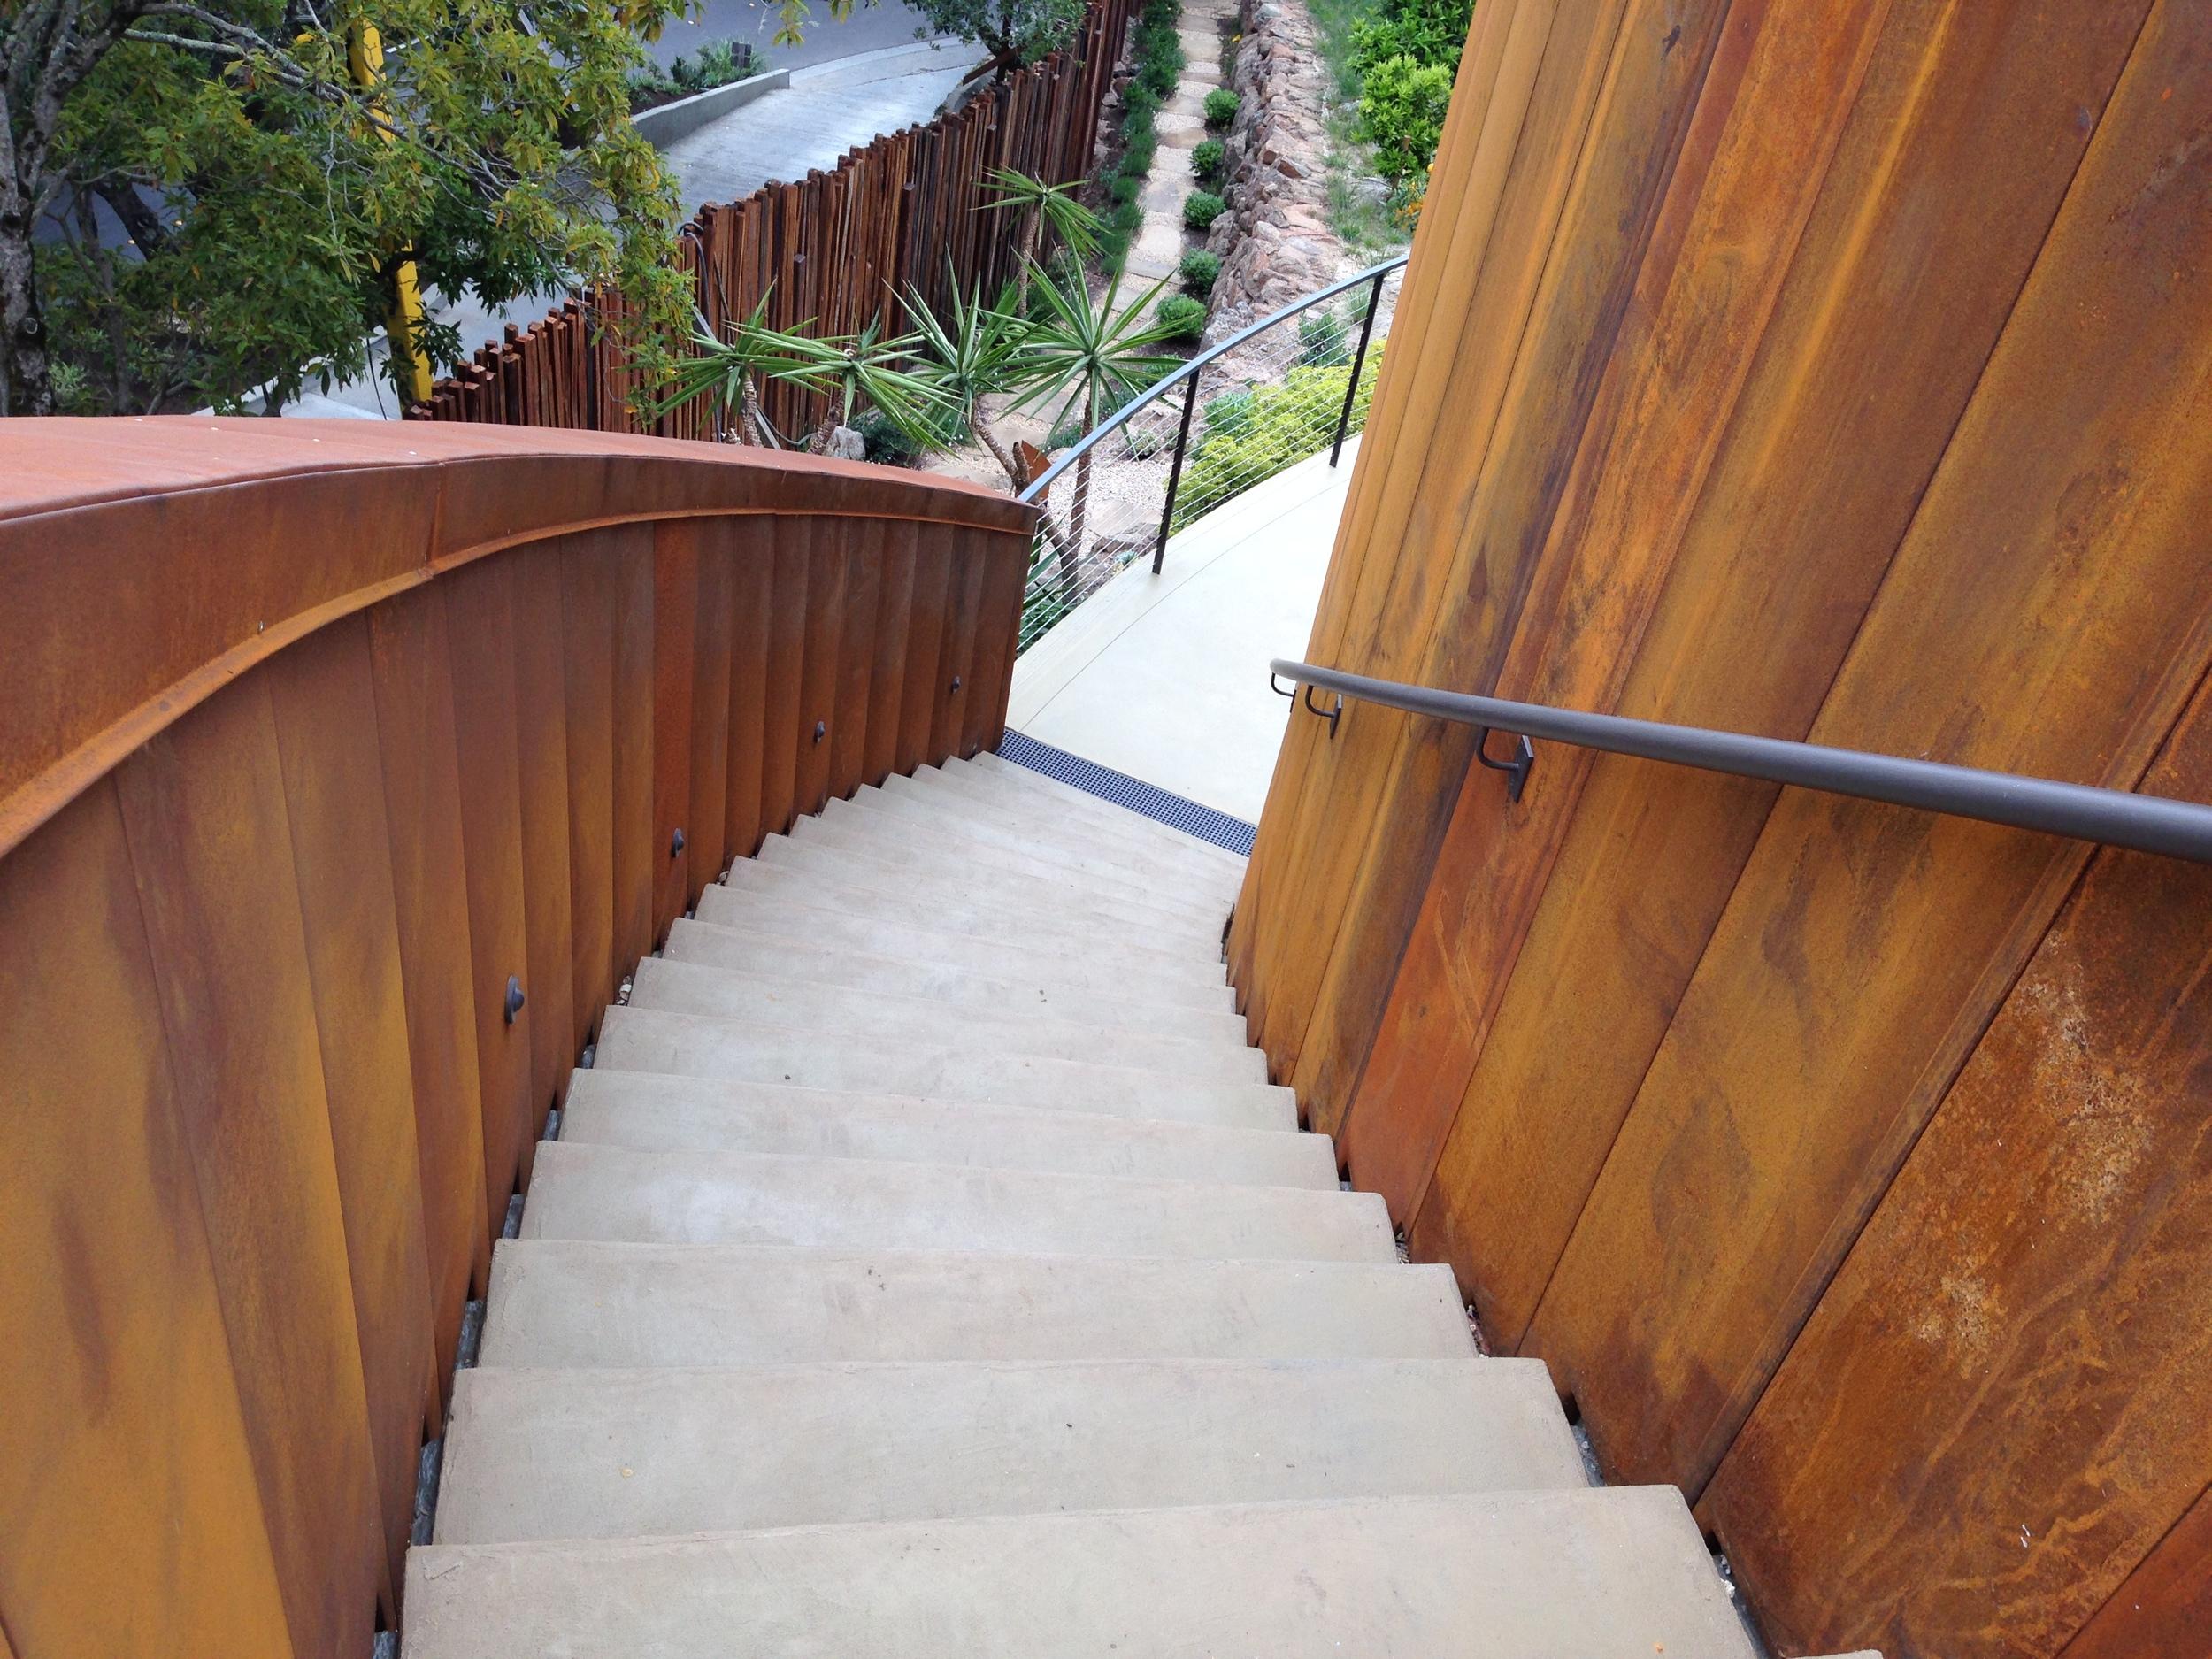 stair down.JPG